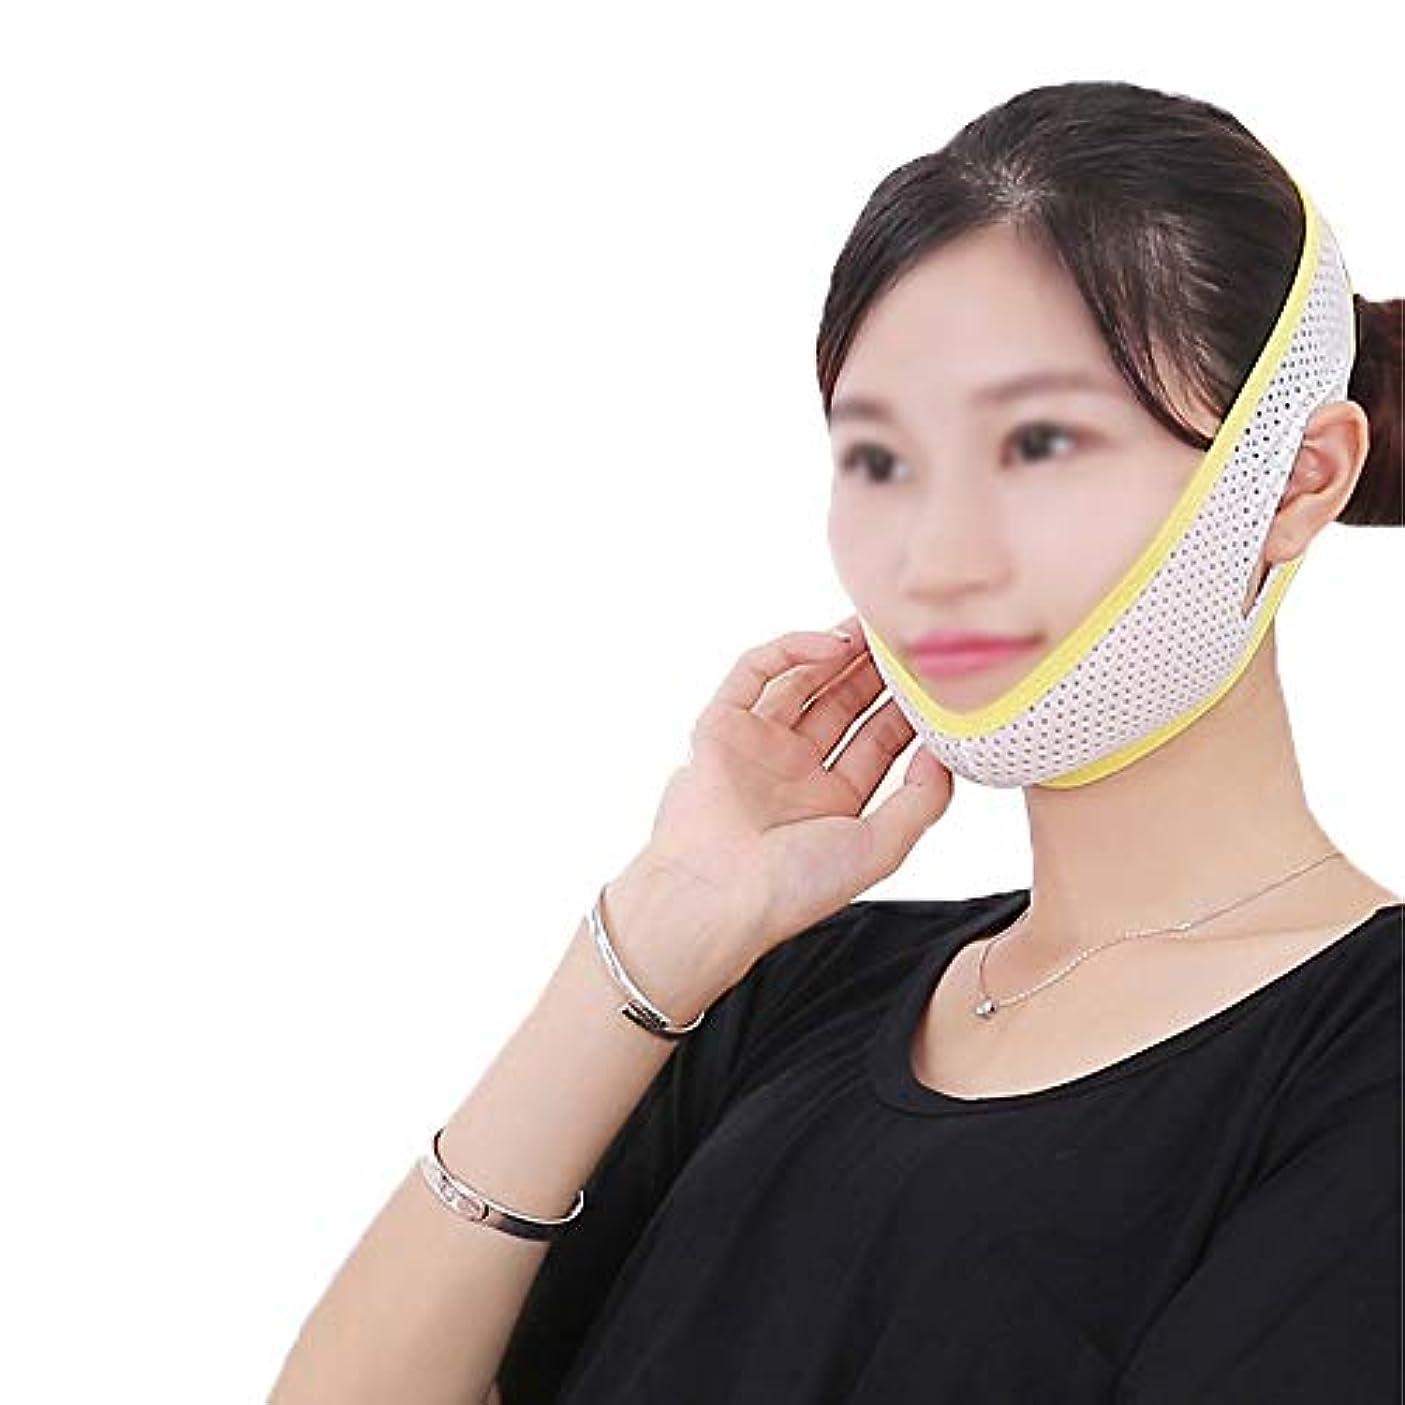 フェンス富冷笑する顔と首のリフト、フェイスリフトマスク強力なフェイスリフティングツール引き締めとリフティングスキニーフェイスマスクアーチファクトフェイスリフティング包帯フェイスリフティングデバイス (Size : M)